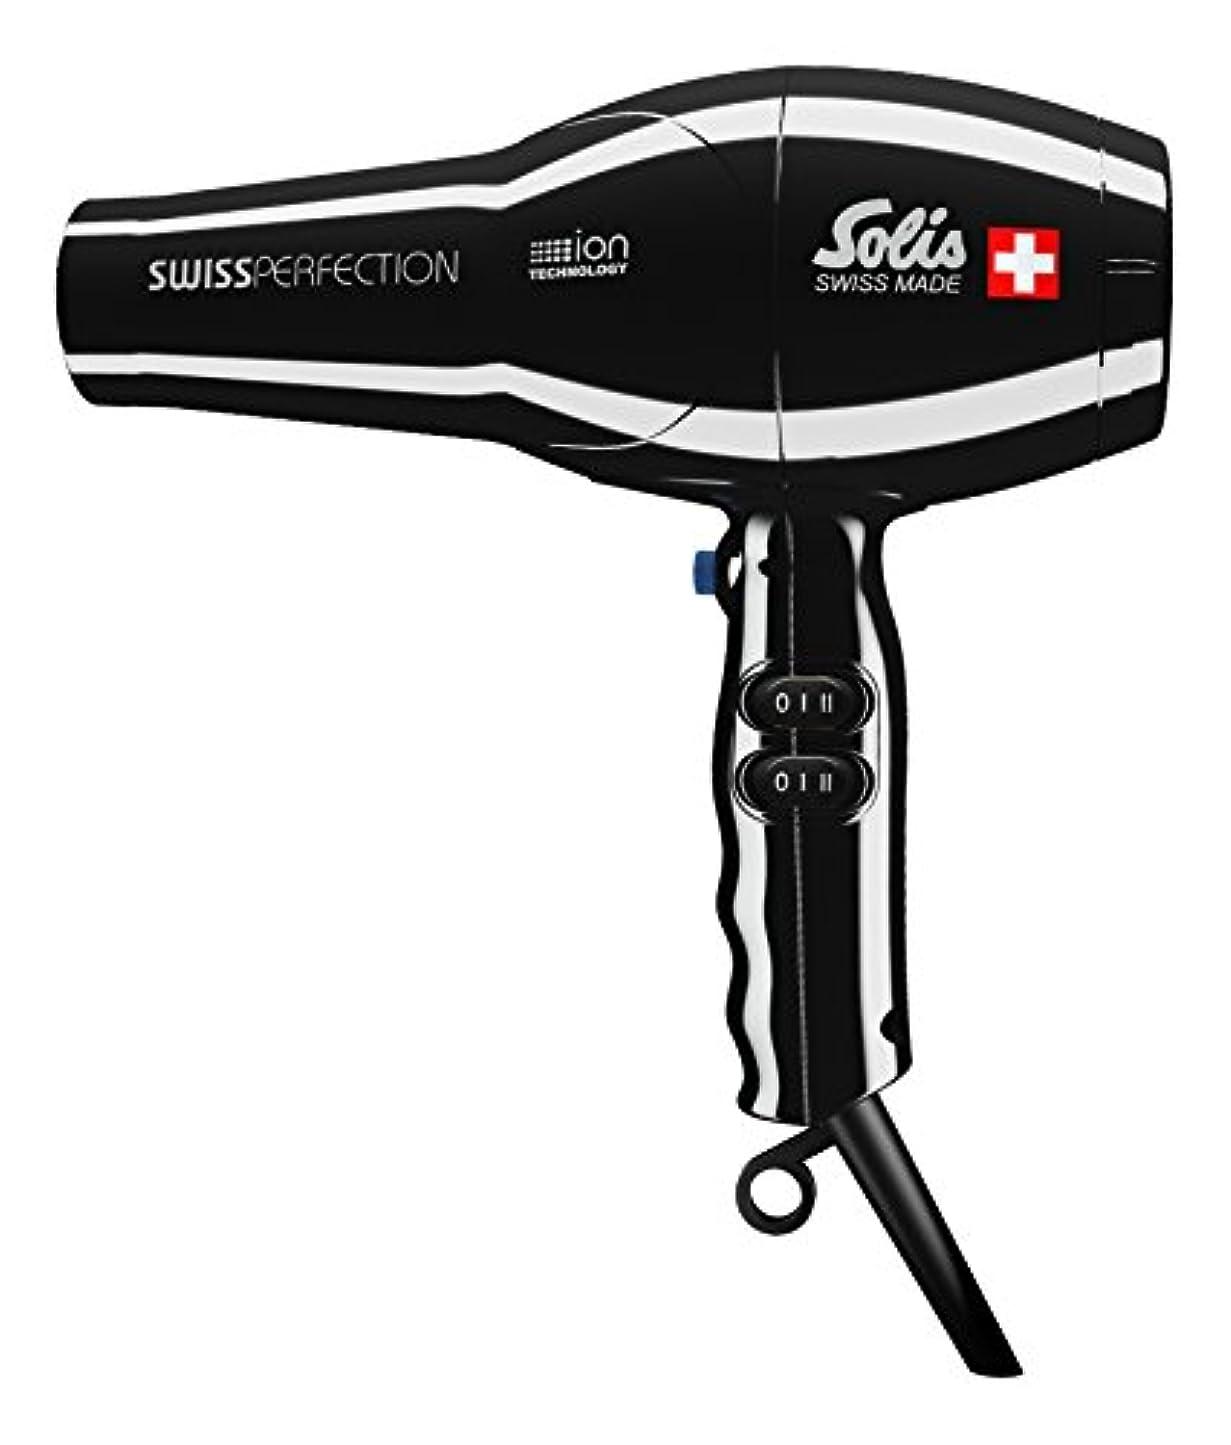 アヒル糸前提条件ソリスプロフェッショナル仕様ドライヤー、温風温度77℃で髪にやさしい、イオンテクノロジー、スイスパーフェクション (SD440B)、黒